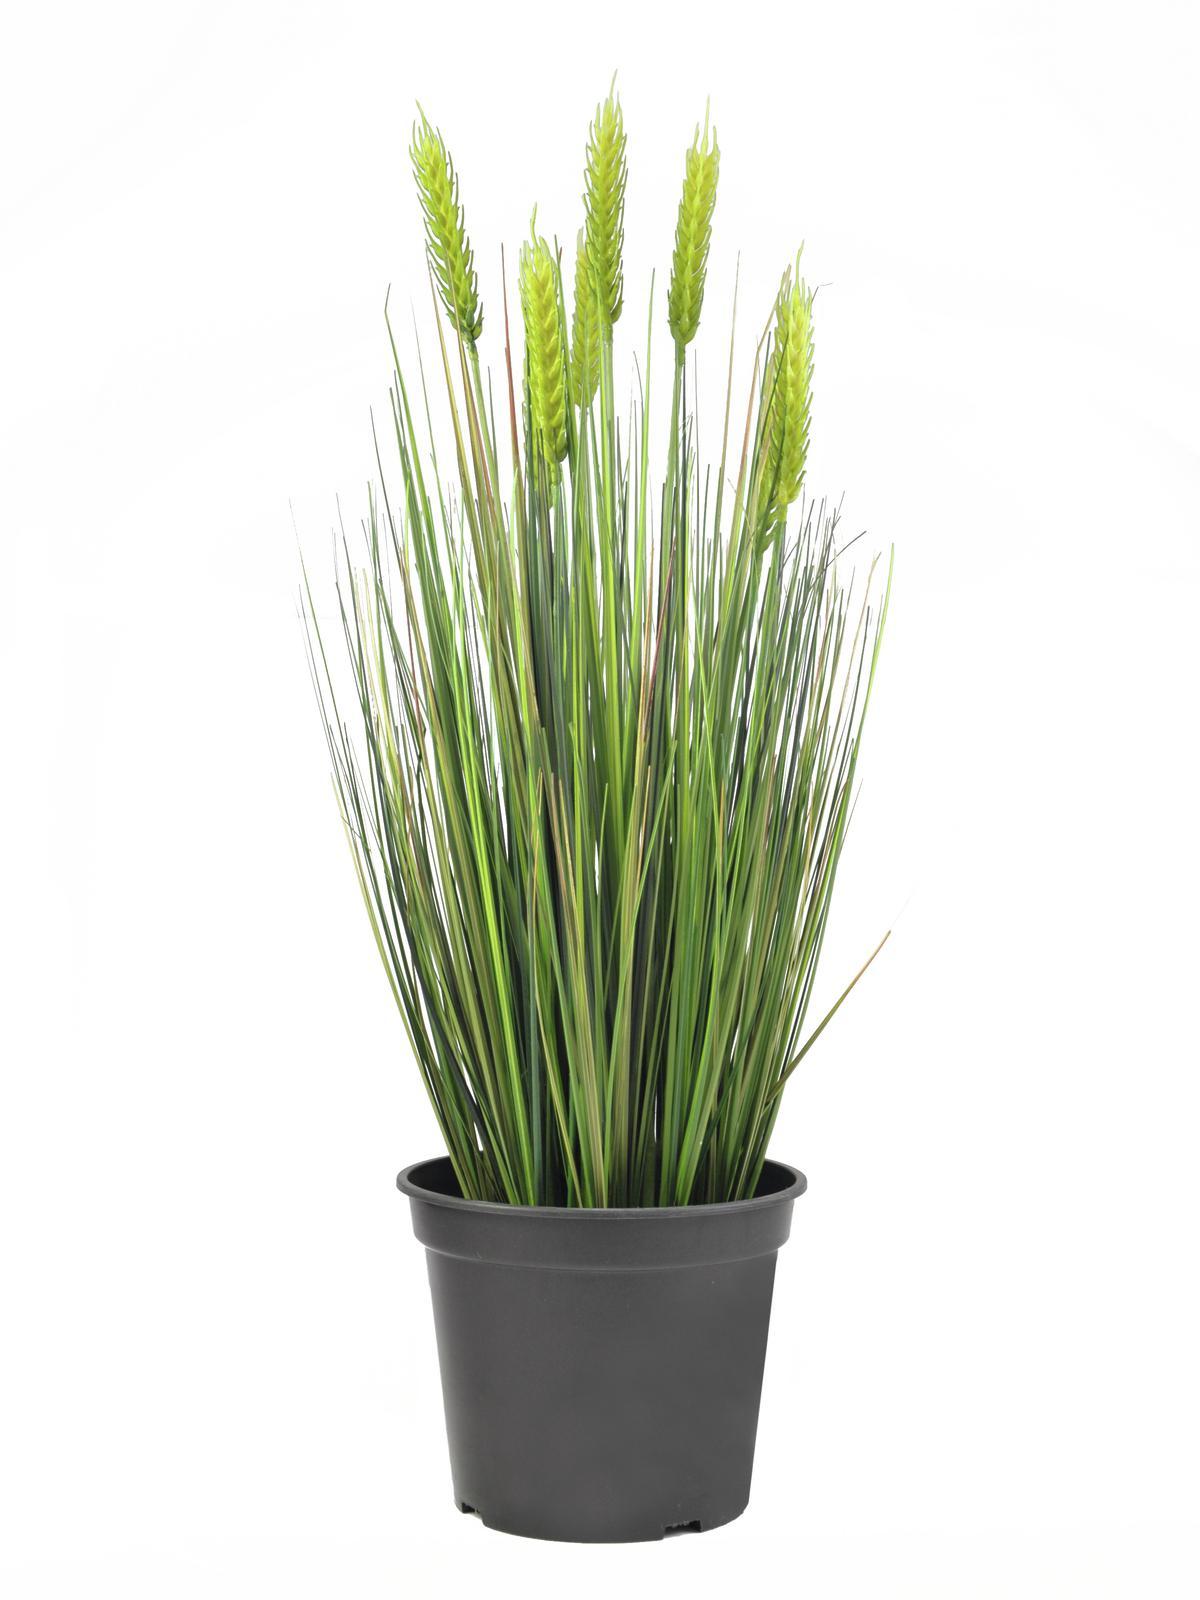 EUROPALMS Weizen Frühsommer, künstlich, 60cm